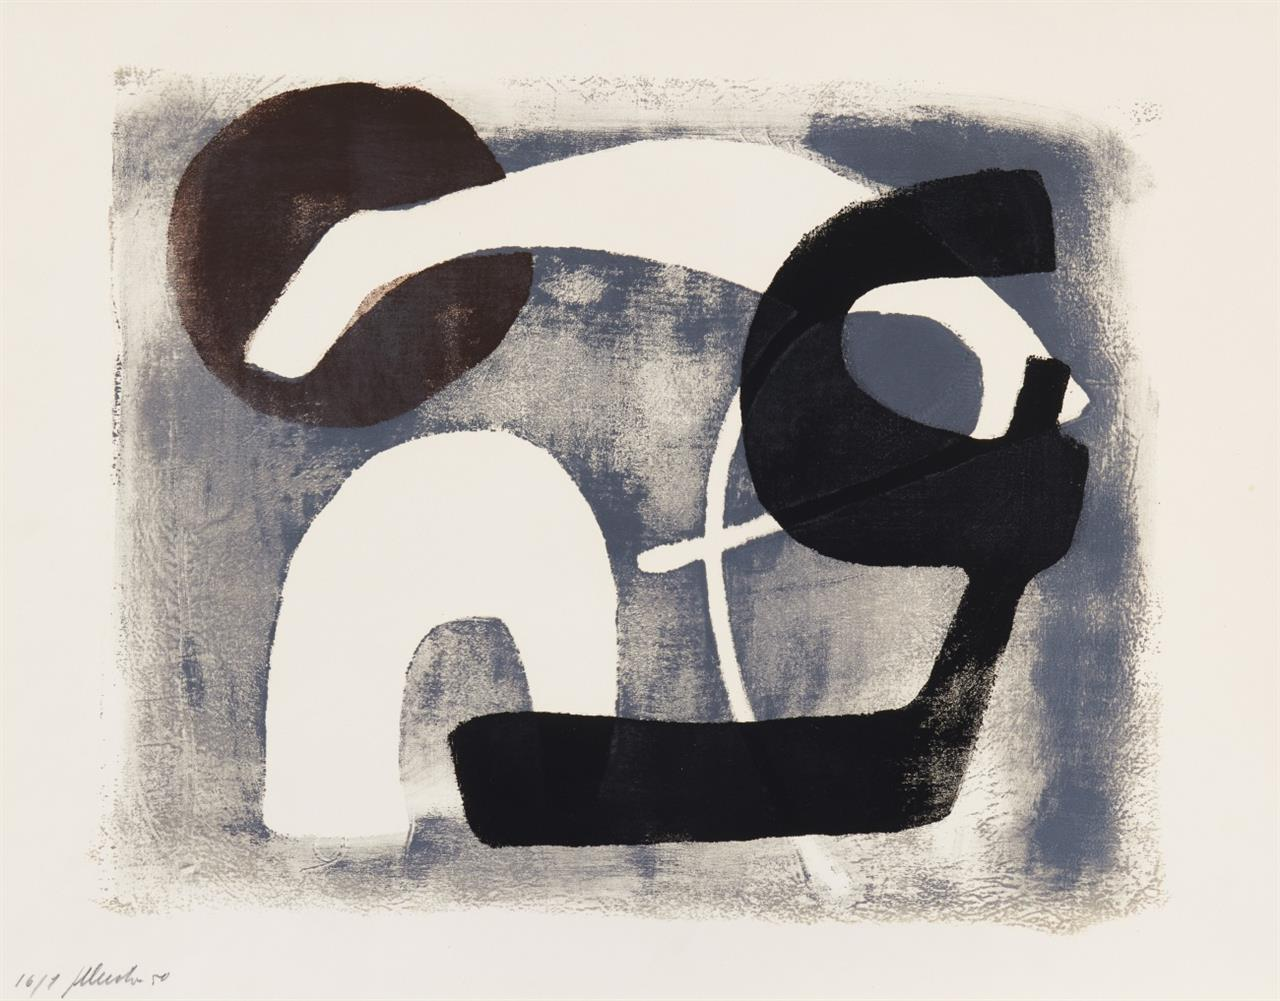 Fritz Winter. Siebdruck 1. 1950. Siebdruck. Signiert. Ex. 16/1. Gabler 1.